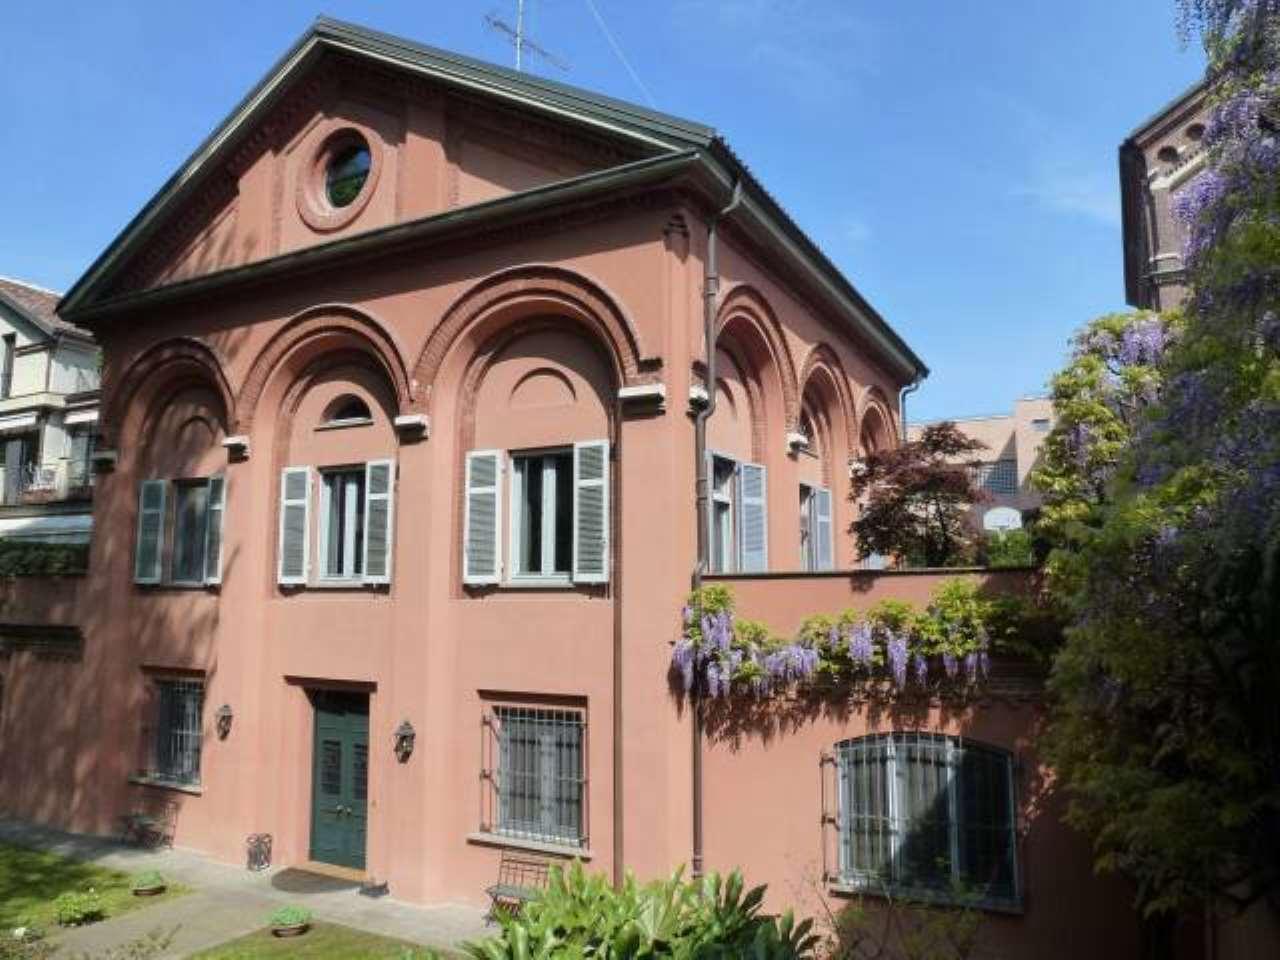 Villa in vendita a Vercelli, 6 locali, prezzo € 550.000 | CambioCasa.it